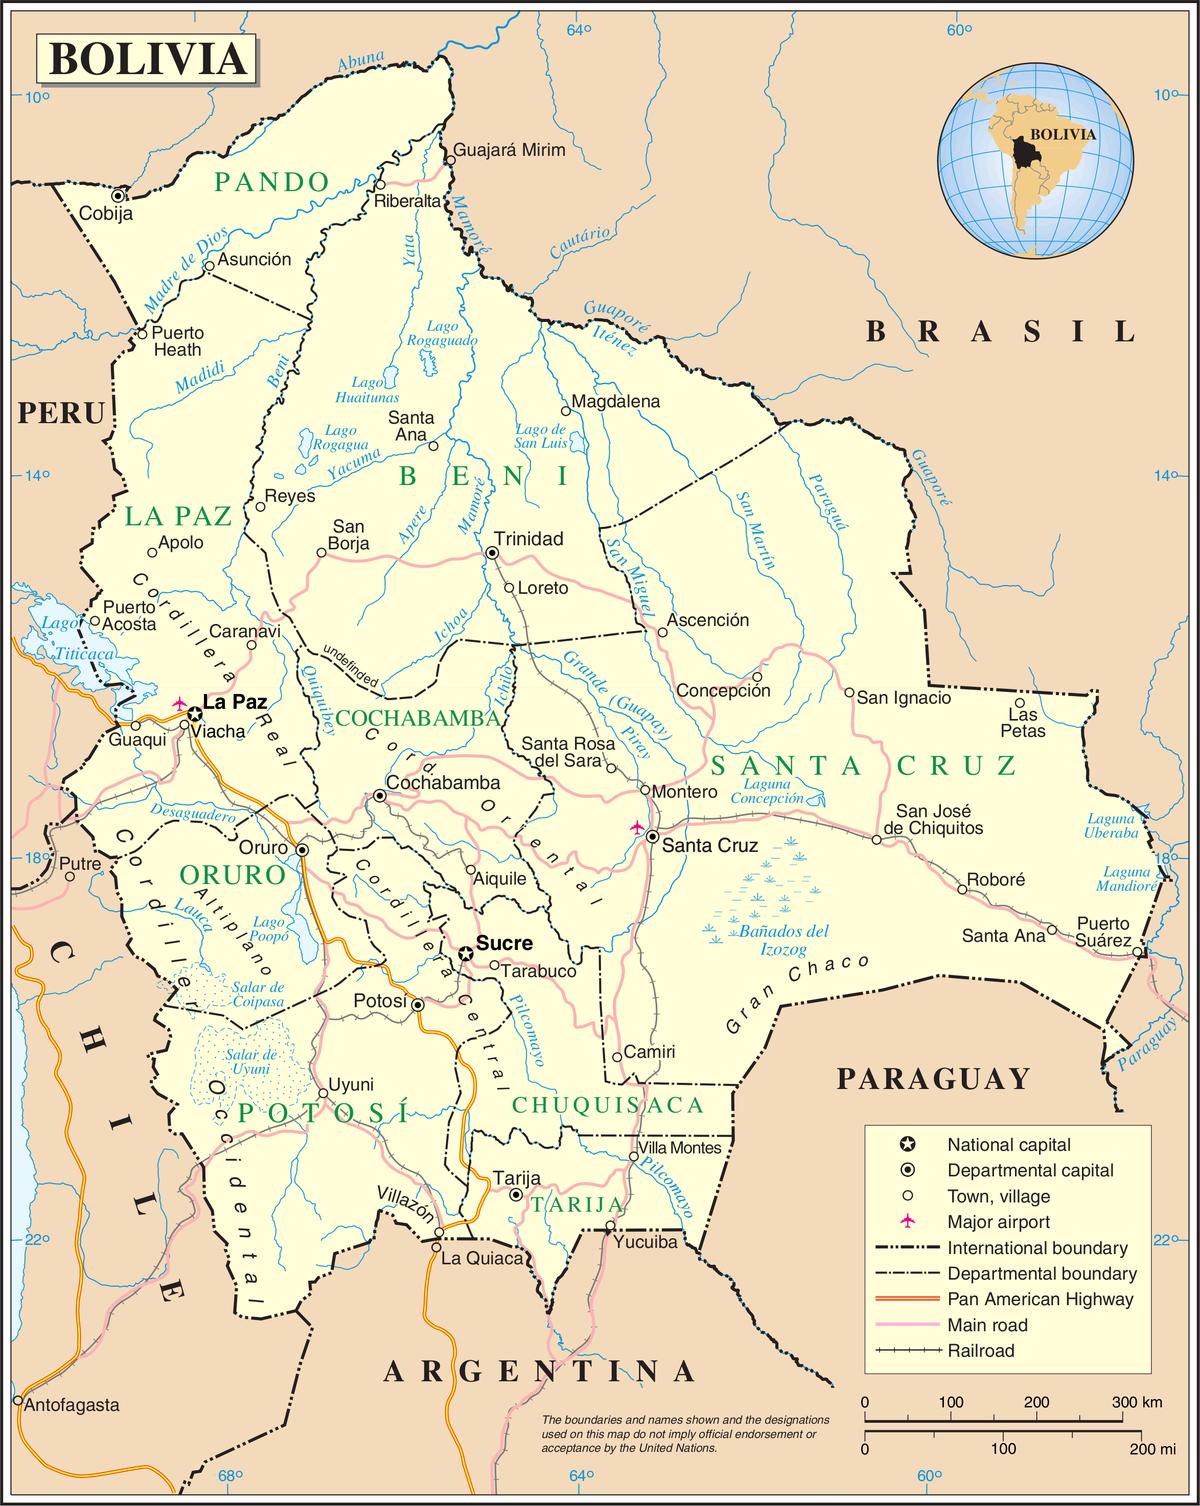 Mapa de Bolivia (© Wikimedia Common)